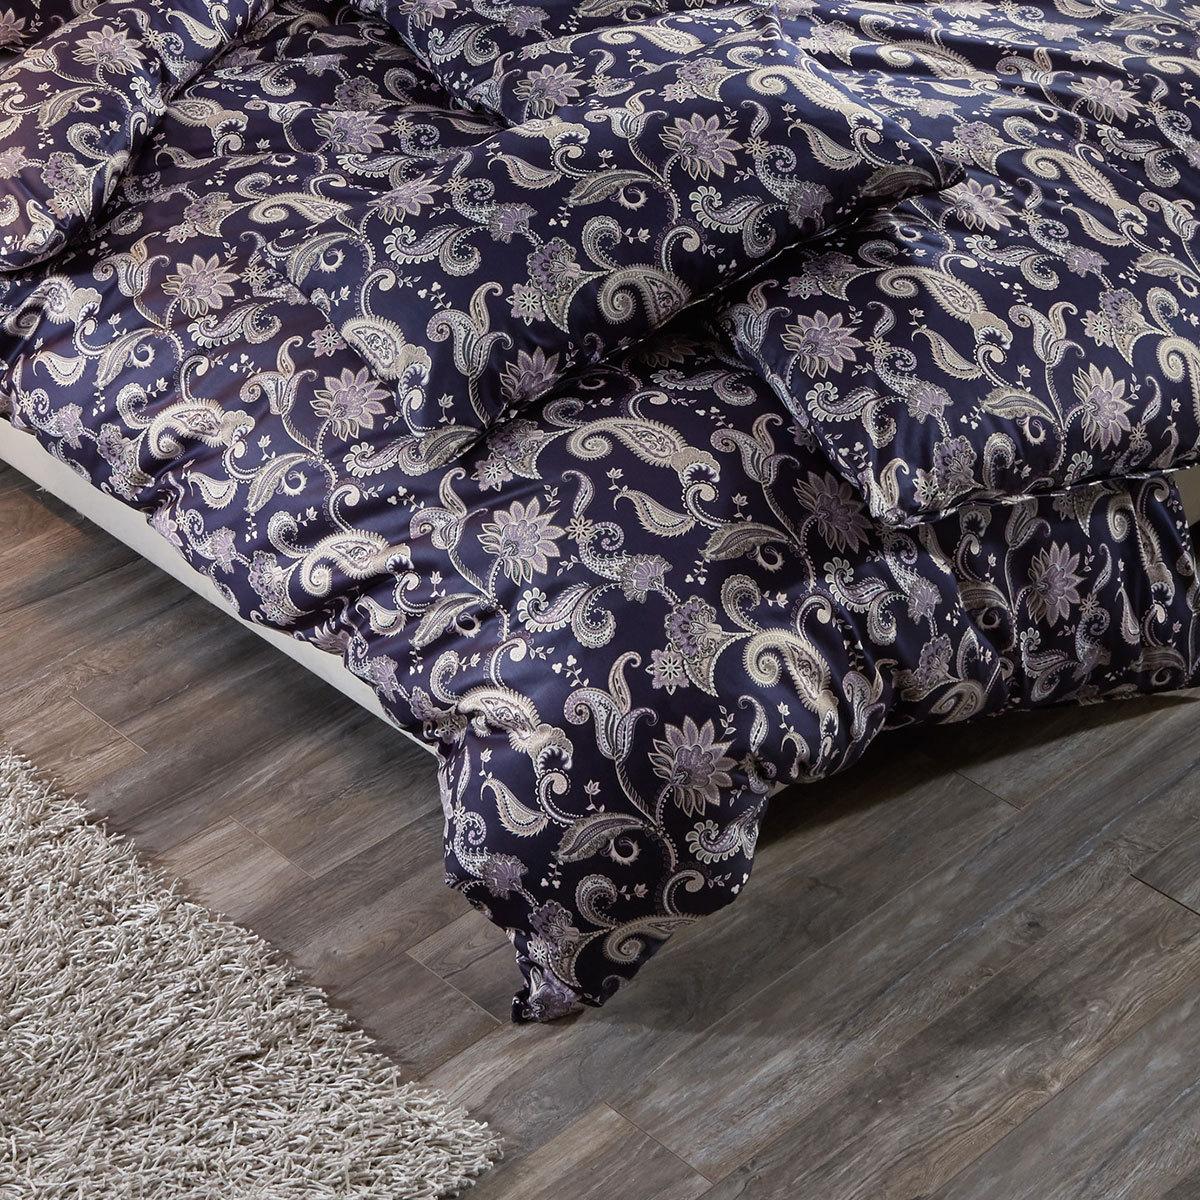 estella mako satin bettw sche isabell nachtblau g nstig online kaufen bei bettwaren shop. Black Bedroom Furniture Sets. Home Design Ideas